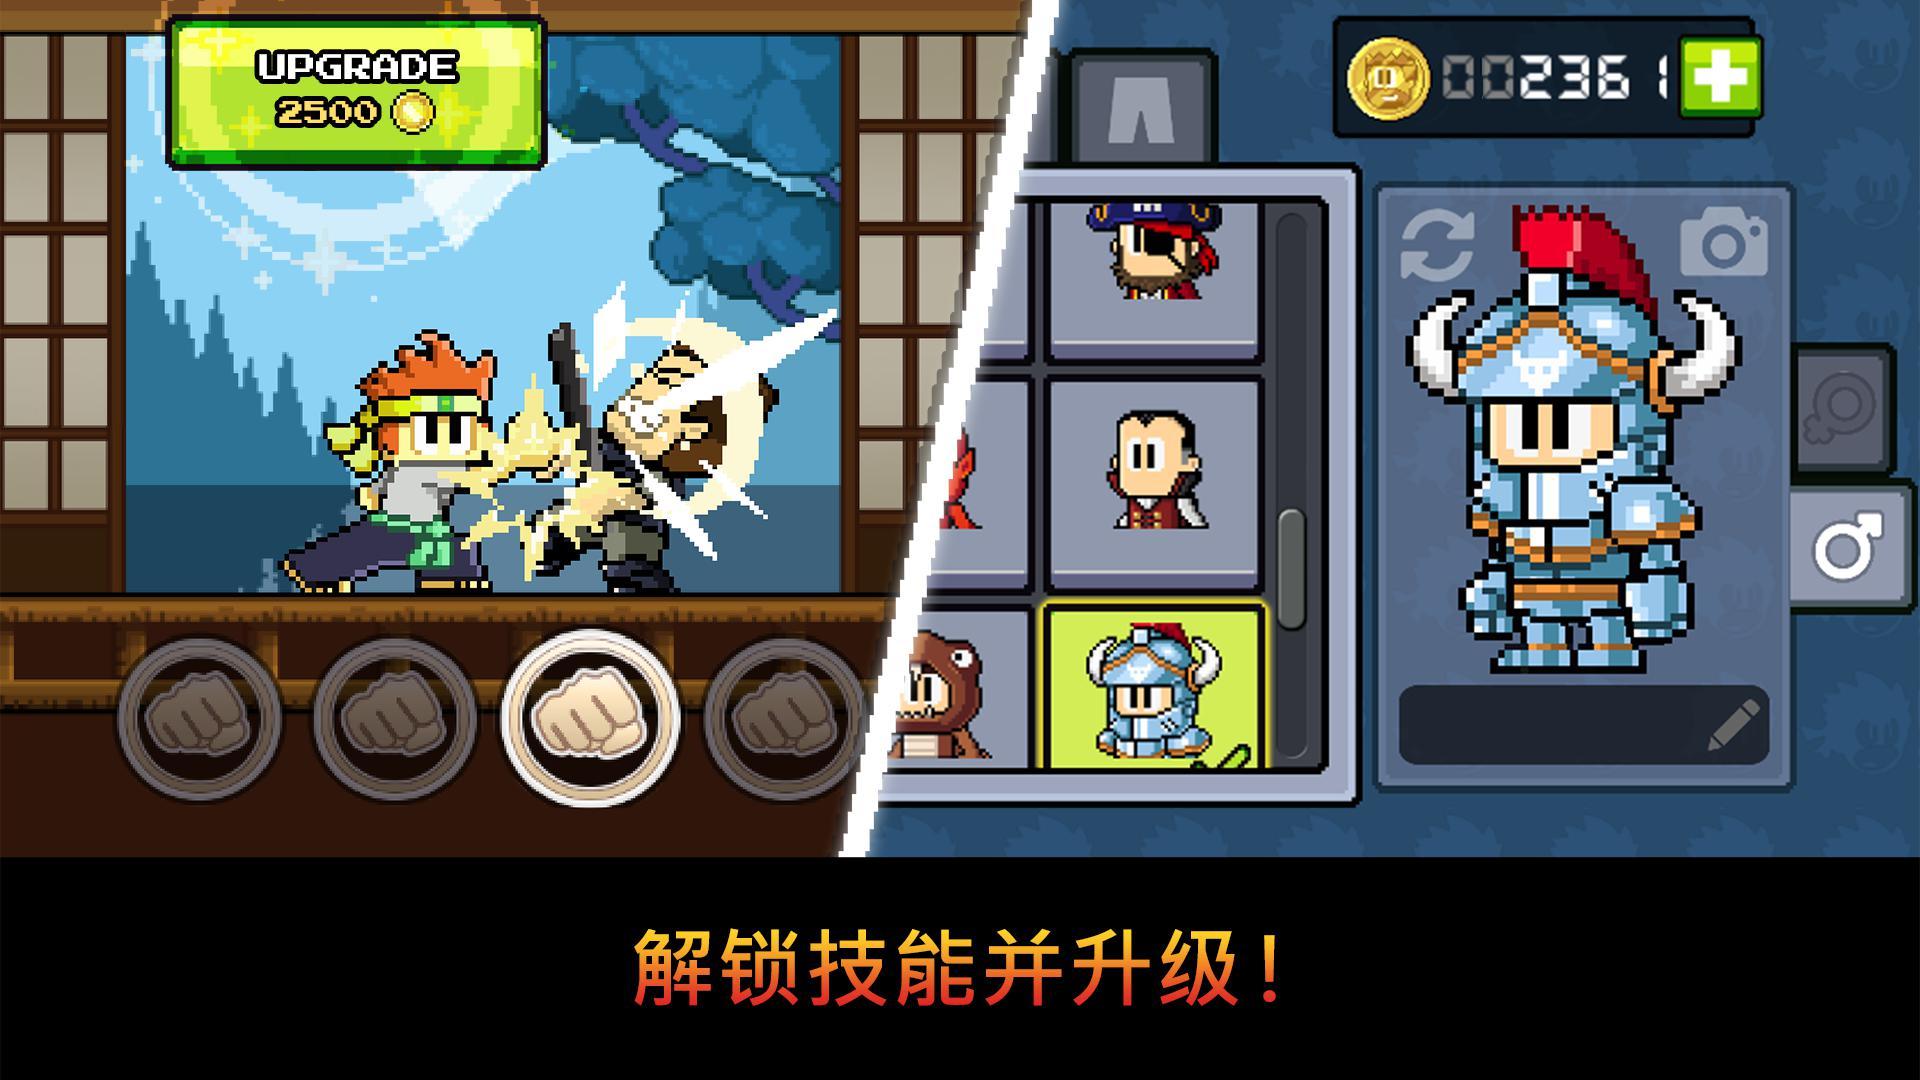 英雄丹 (Dan the Man官方正版)–超级经典冒险游戏 游戏截图1